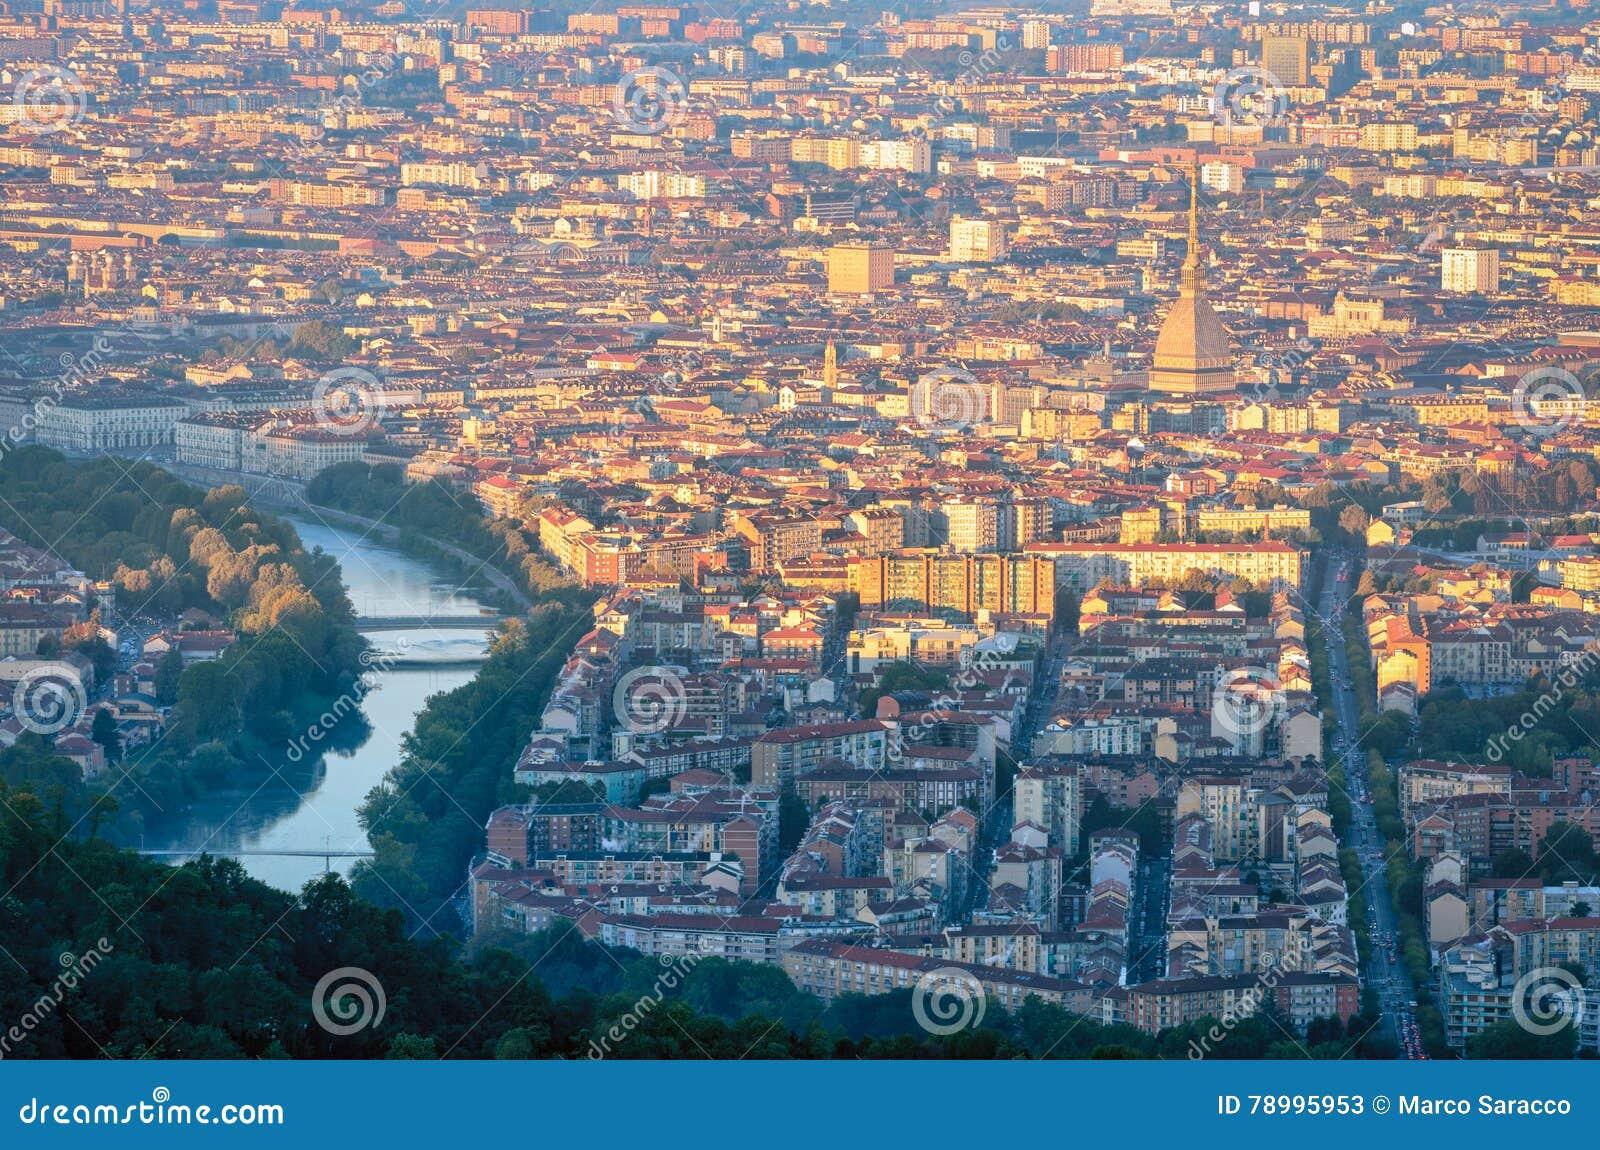 Turin (Torino) panorama at sunrise